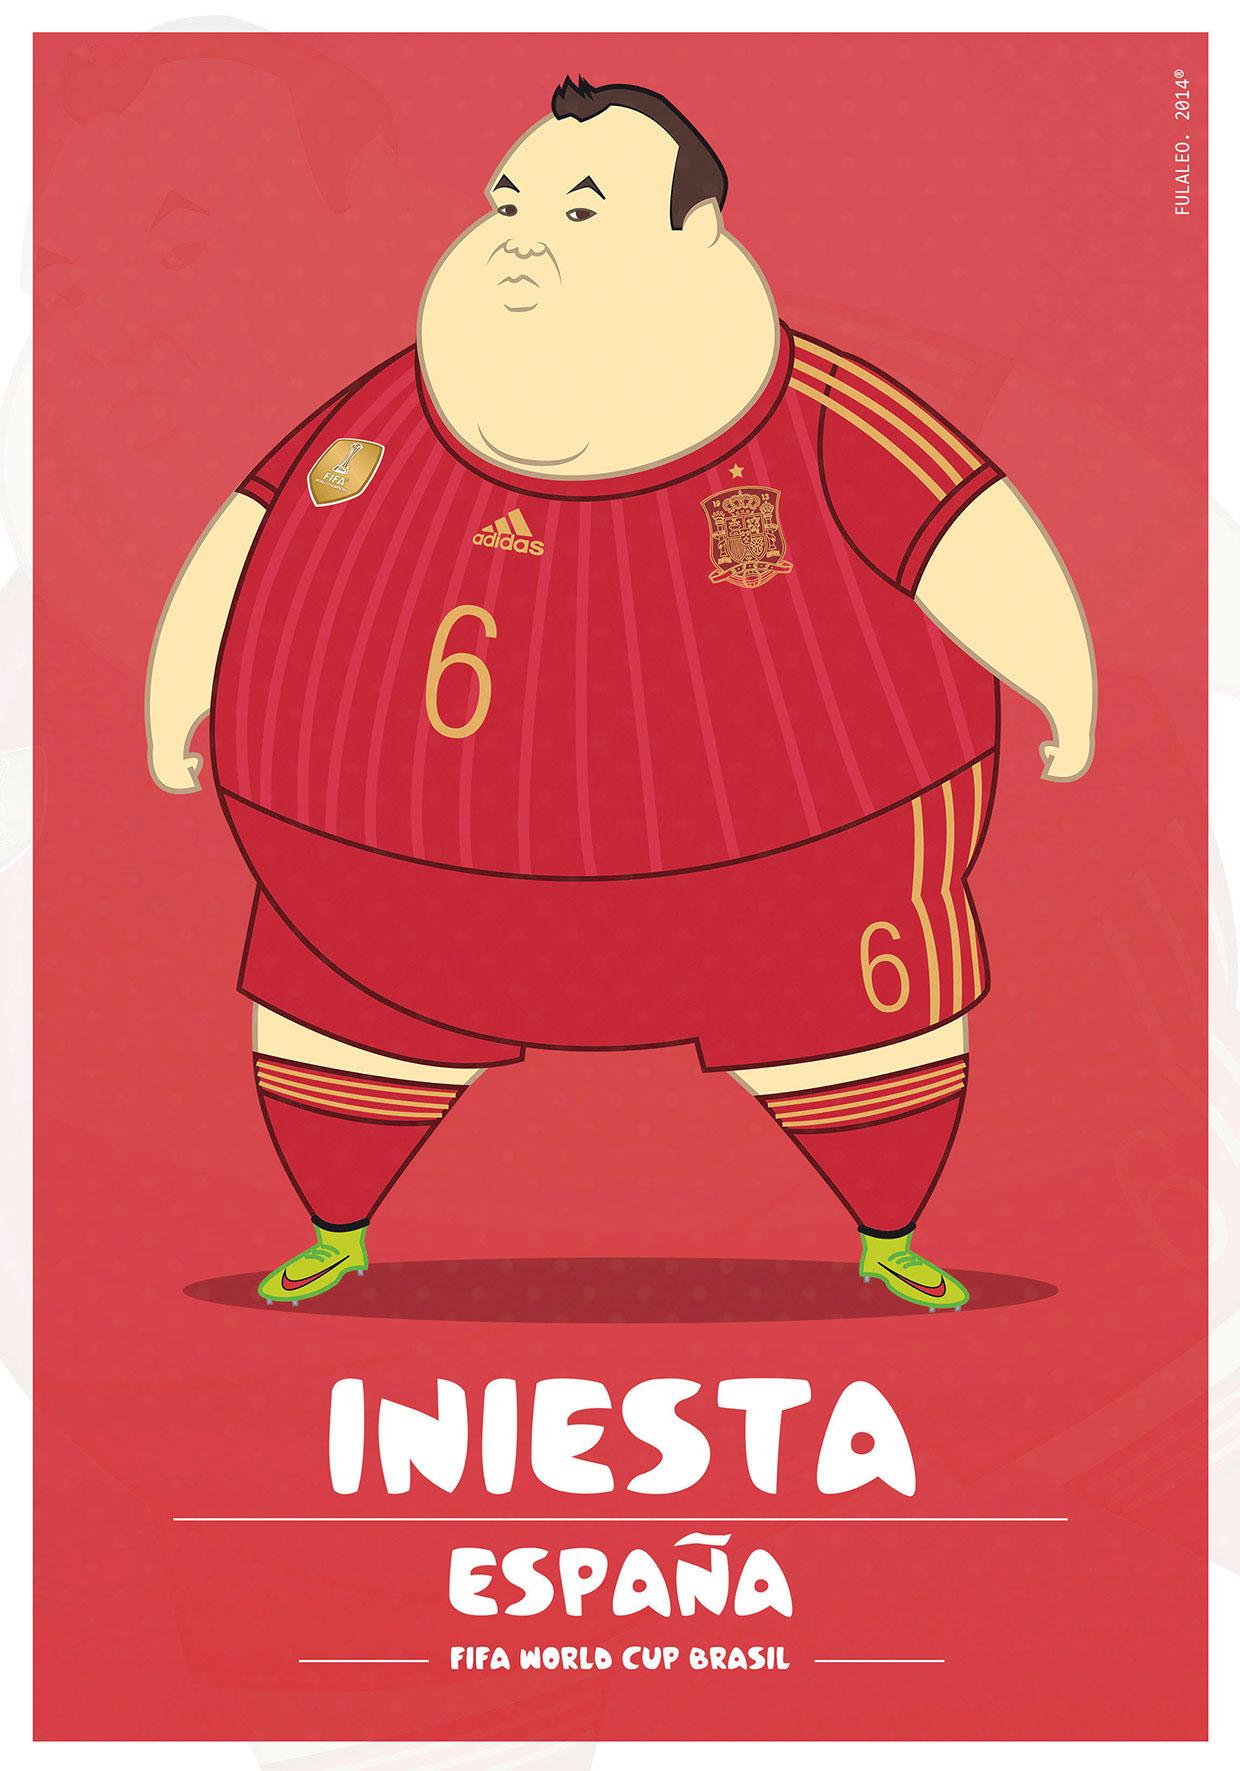 Толстые футболисты чемпионата мира в Бразилии 7